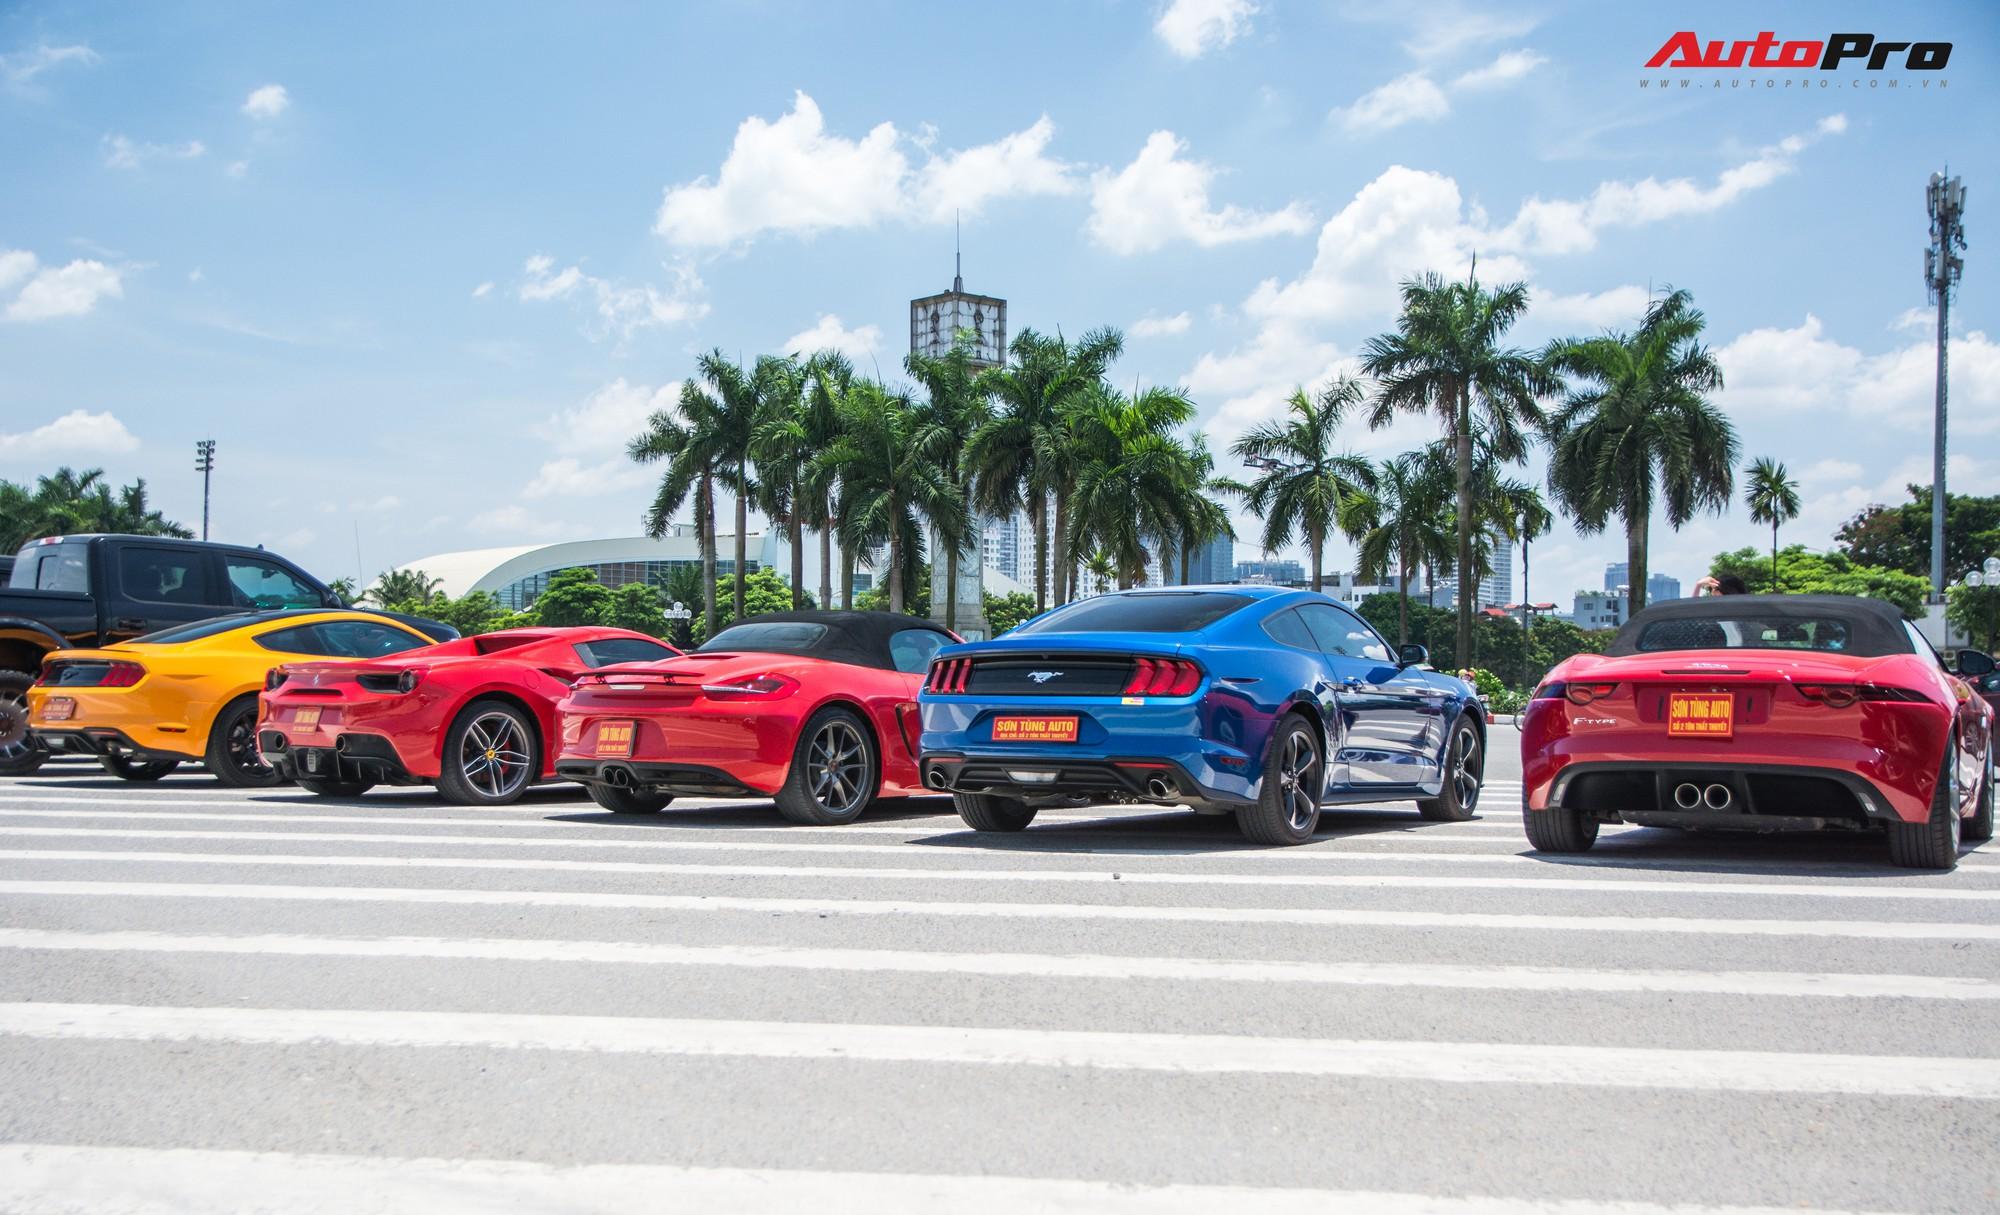 Dàn siêu xe, xe thể thao và xe siêu sang trị giá cả trăm tỷ diễu hành trên phố Hà Nội - Ảnh 10.